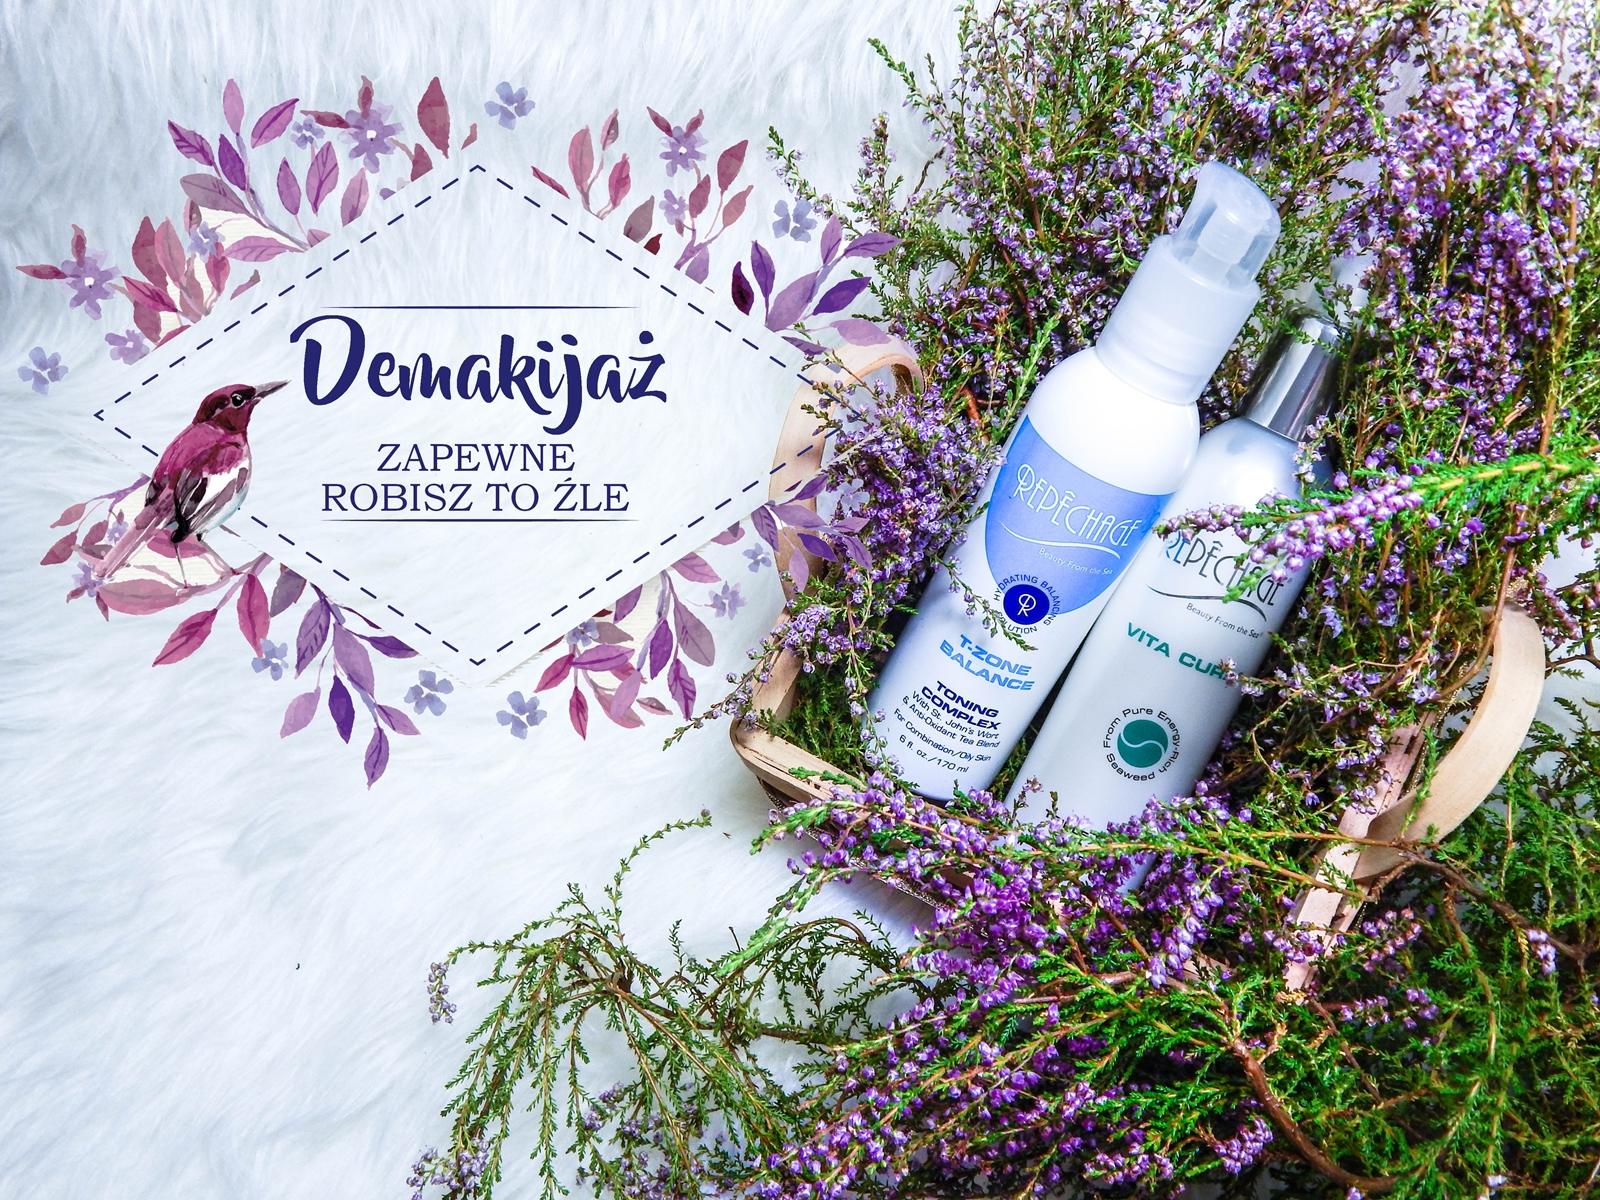 naglowek repechage vita cura mleczko t-zone balance tonik demakijaz jest wazny jak zrobic poprawny demakijaz jak zmyc makijaz porady kosmetyki naturalne melodylaniella